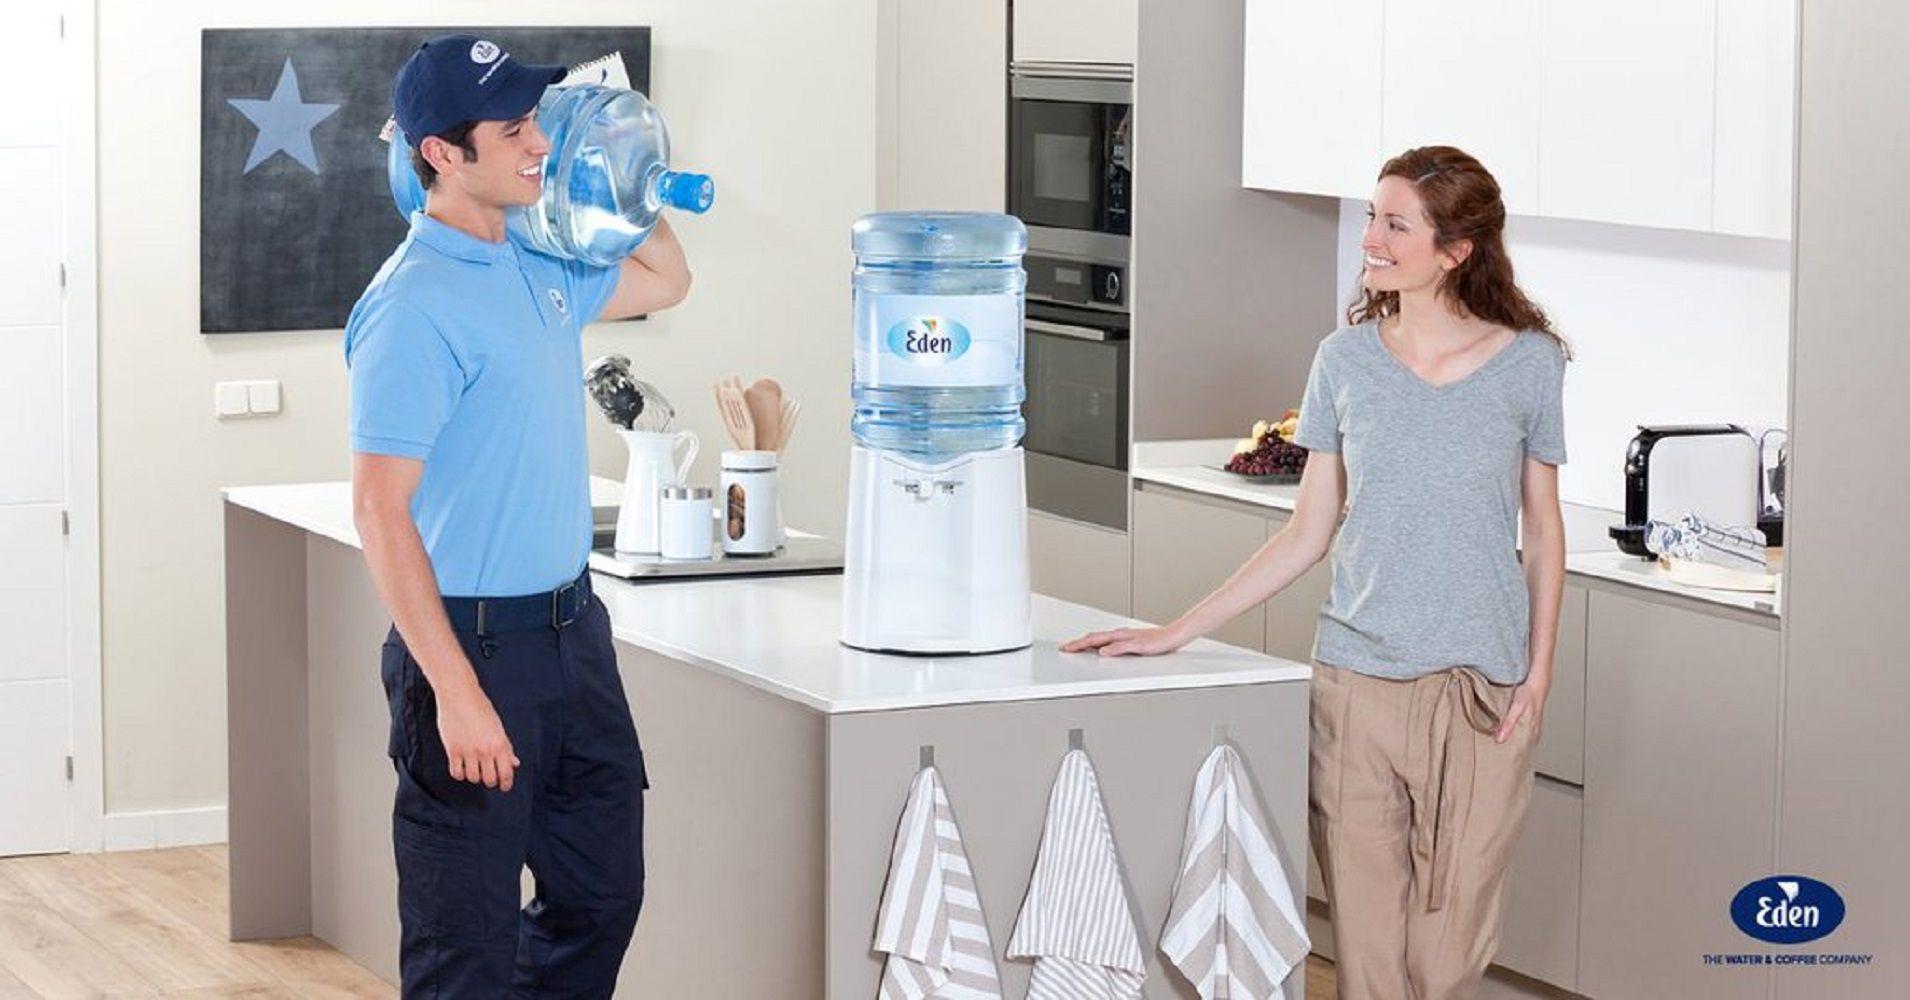 Ūdens un kafijas eksperti uzņēmumiem – Eden Springs